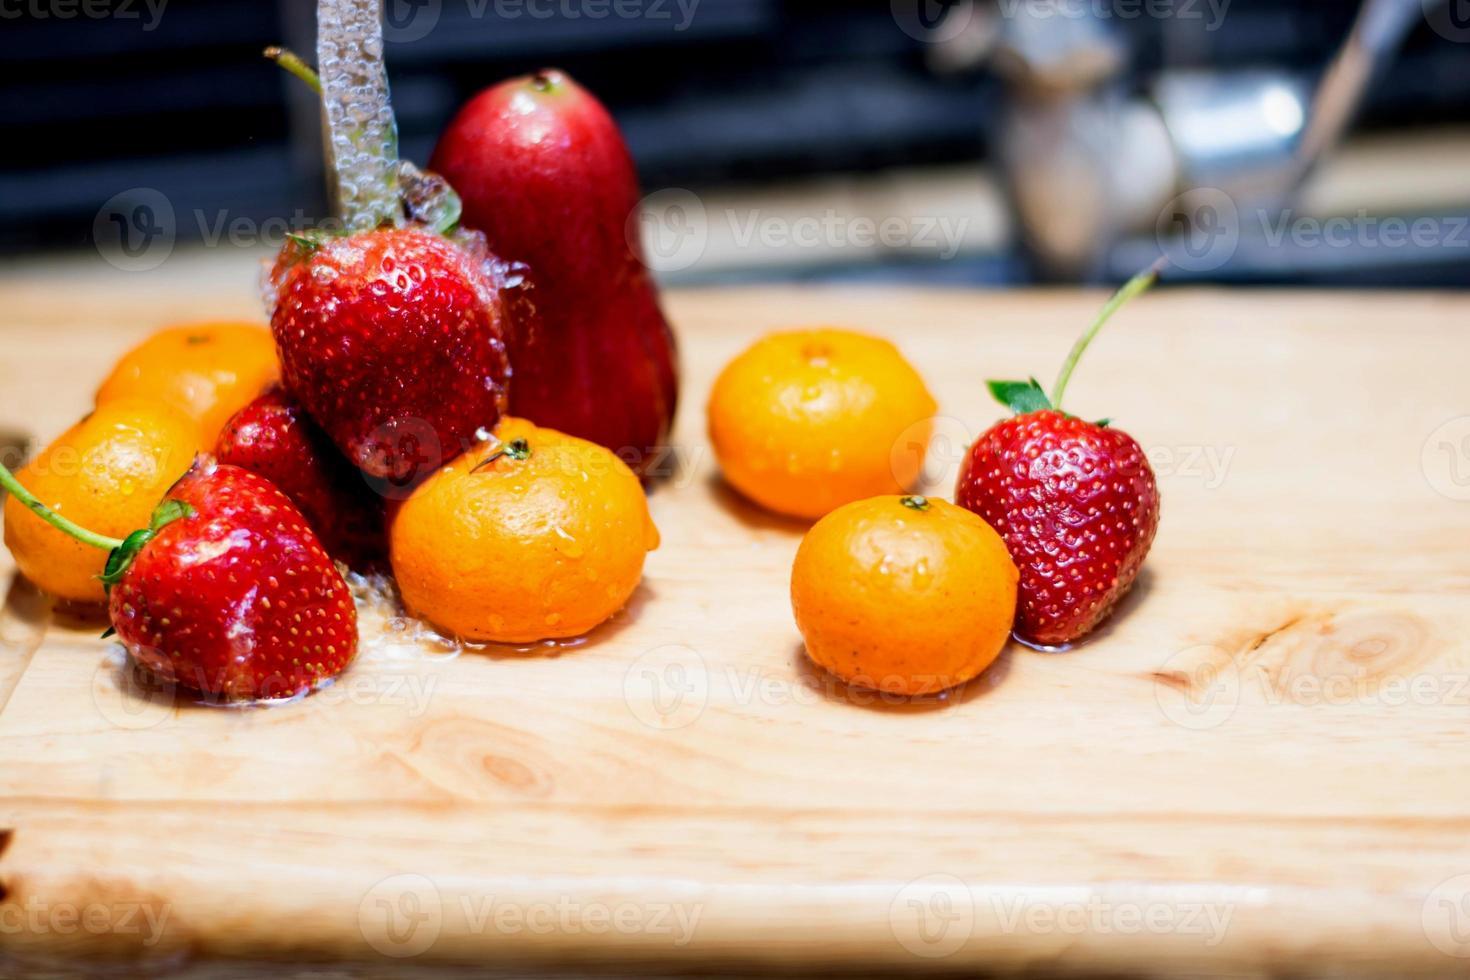 fruits sous la pression de l'eau dans l'évier de la cuisine photo